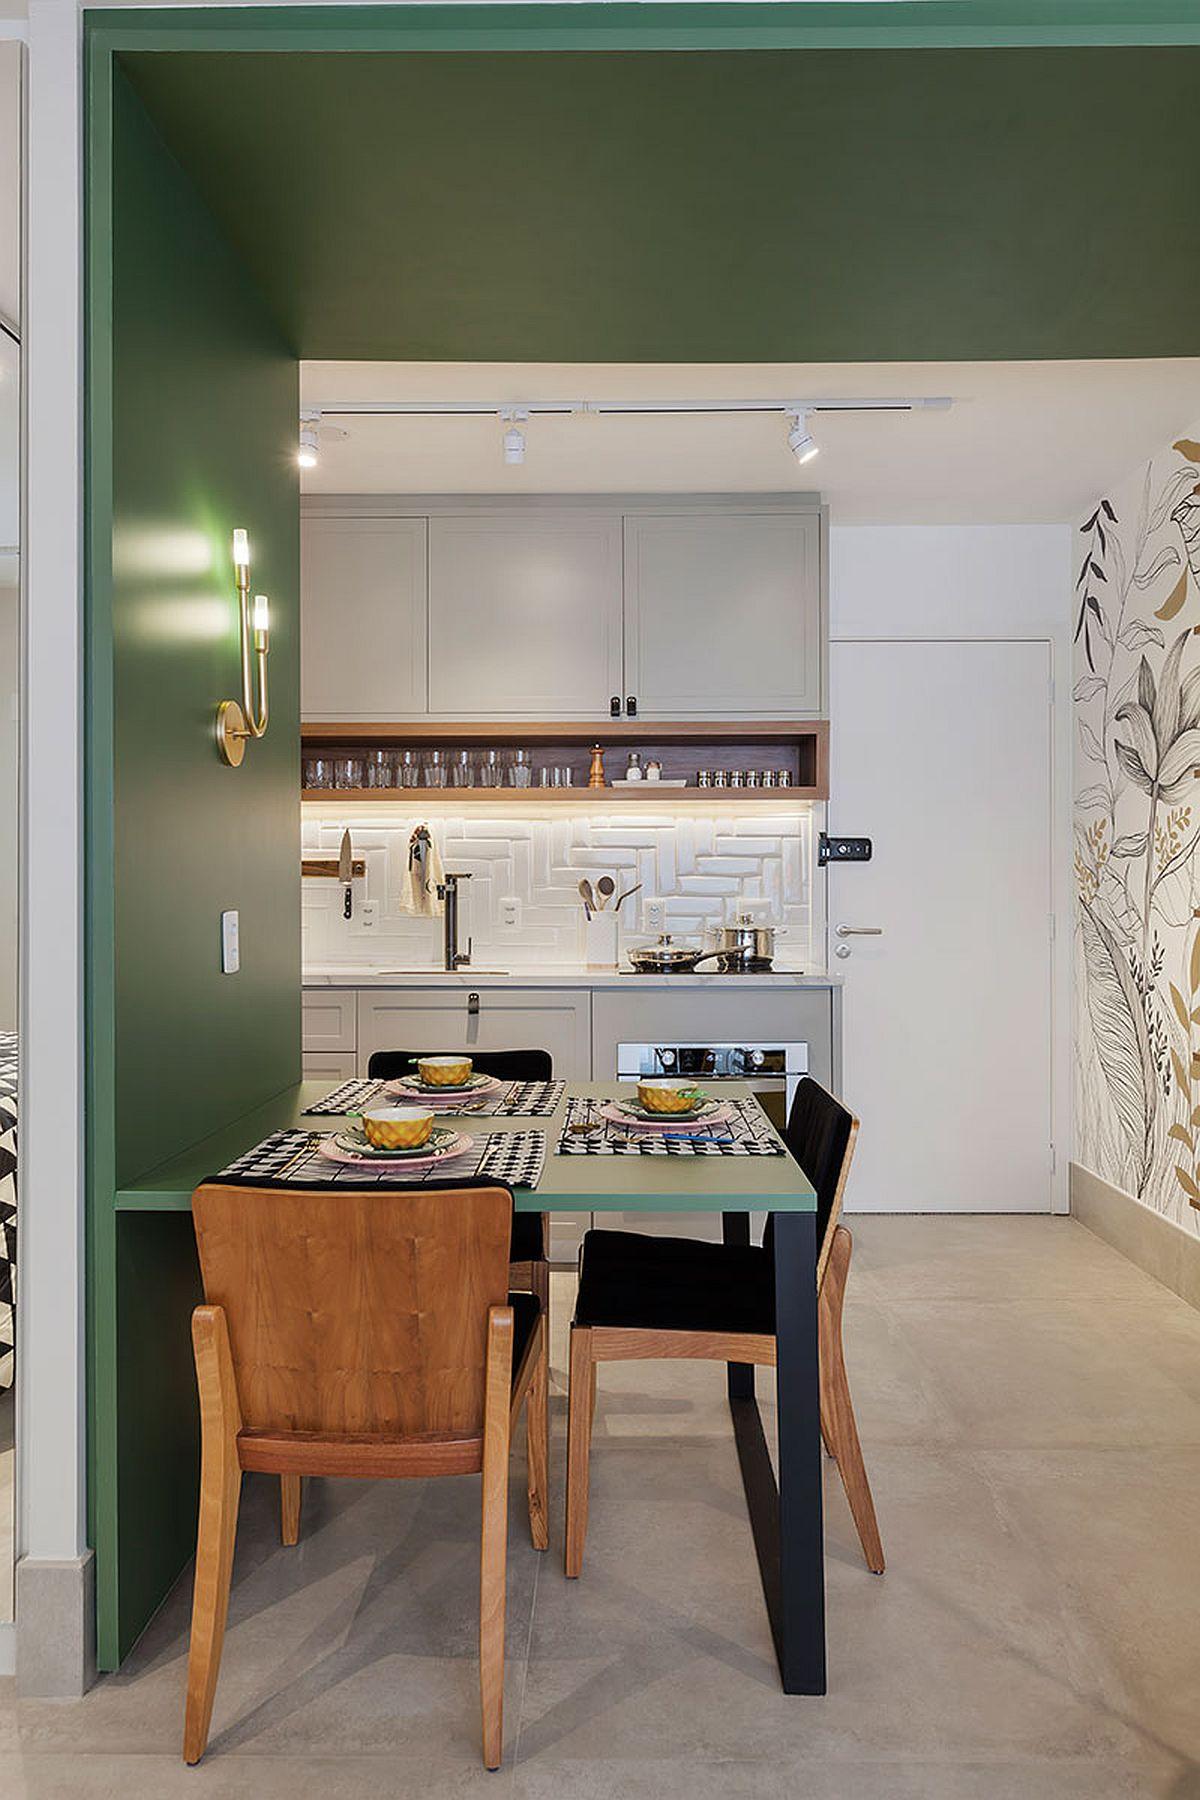 Locul de luat masa este prezent ca funcțiune fixă și este creat între bucătărie și cameră printr-o separare vizuală de efect: placarea cu panouri din MDF vopsite. Această placare este și la nivelul plafonului, ceea ce aduce un plus de culoare dar și separarea vizuală a funcțiunilor.